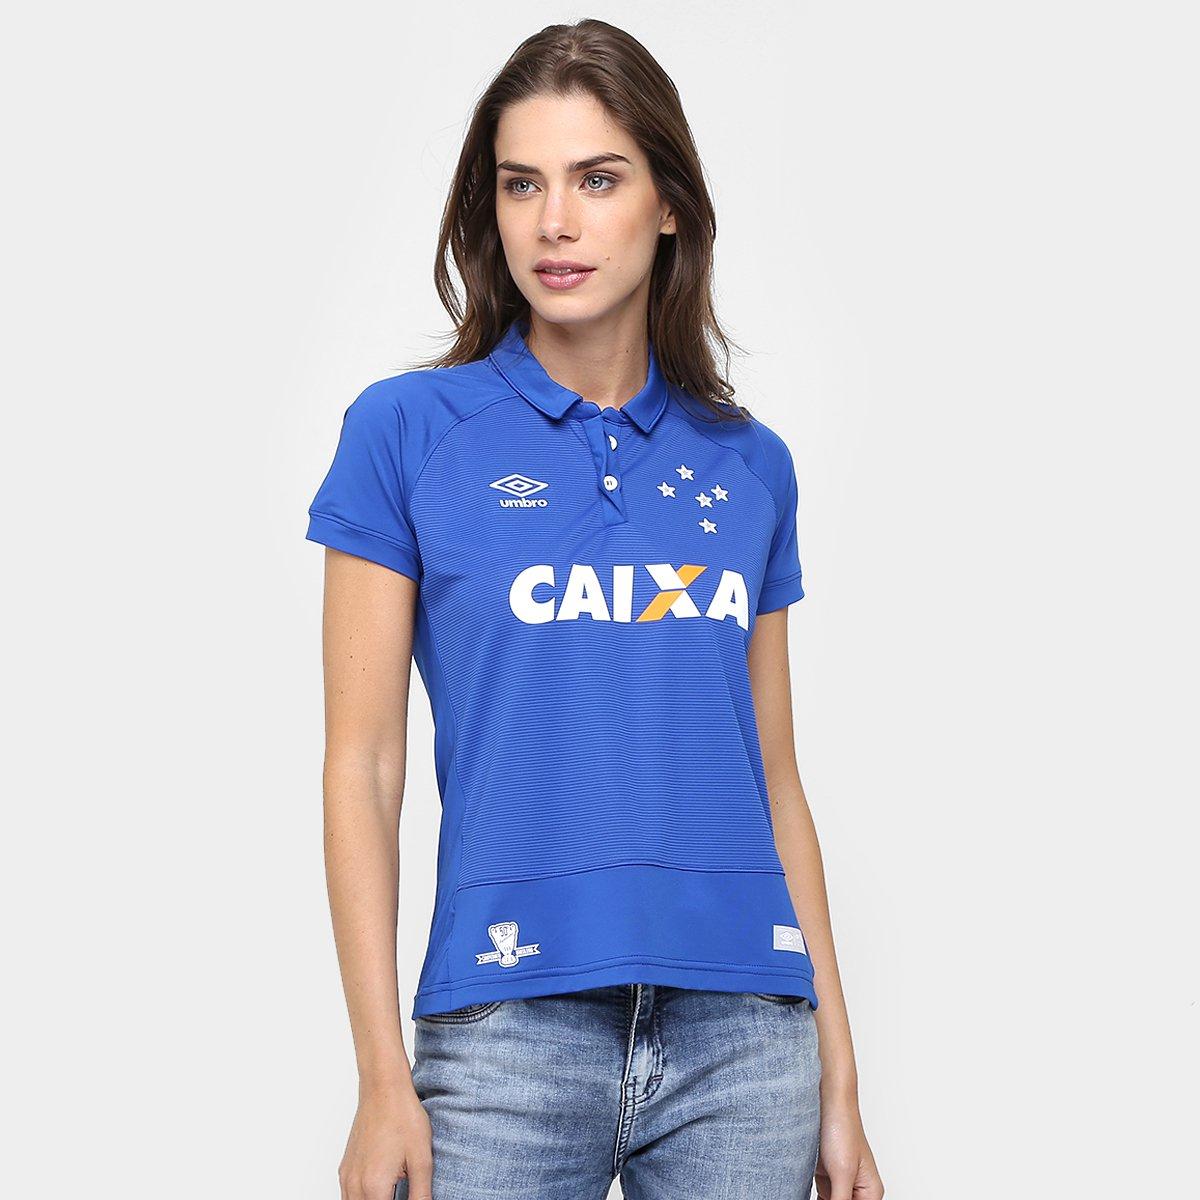 Camisa Cruzeiro I 2016 s nº Torcedor Umbro Feminina - Compre Agora ... 04d389d745bdd